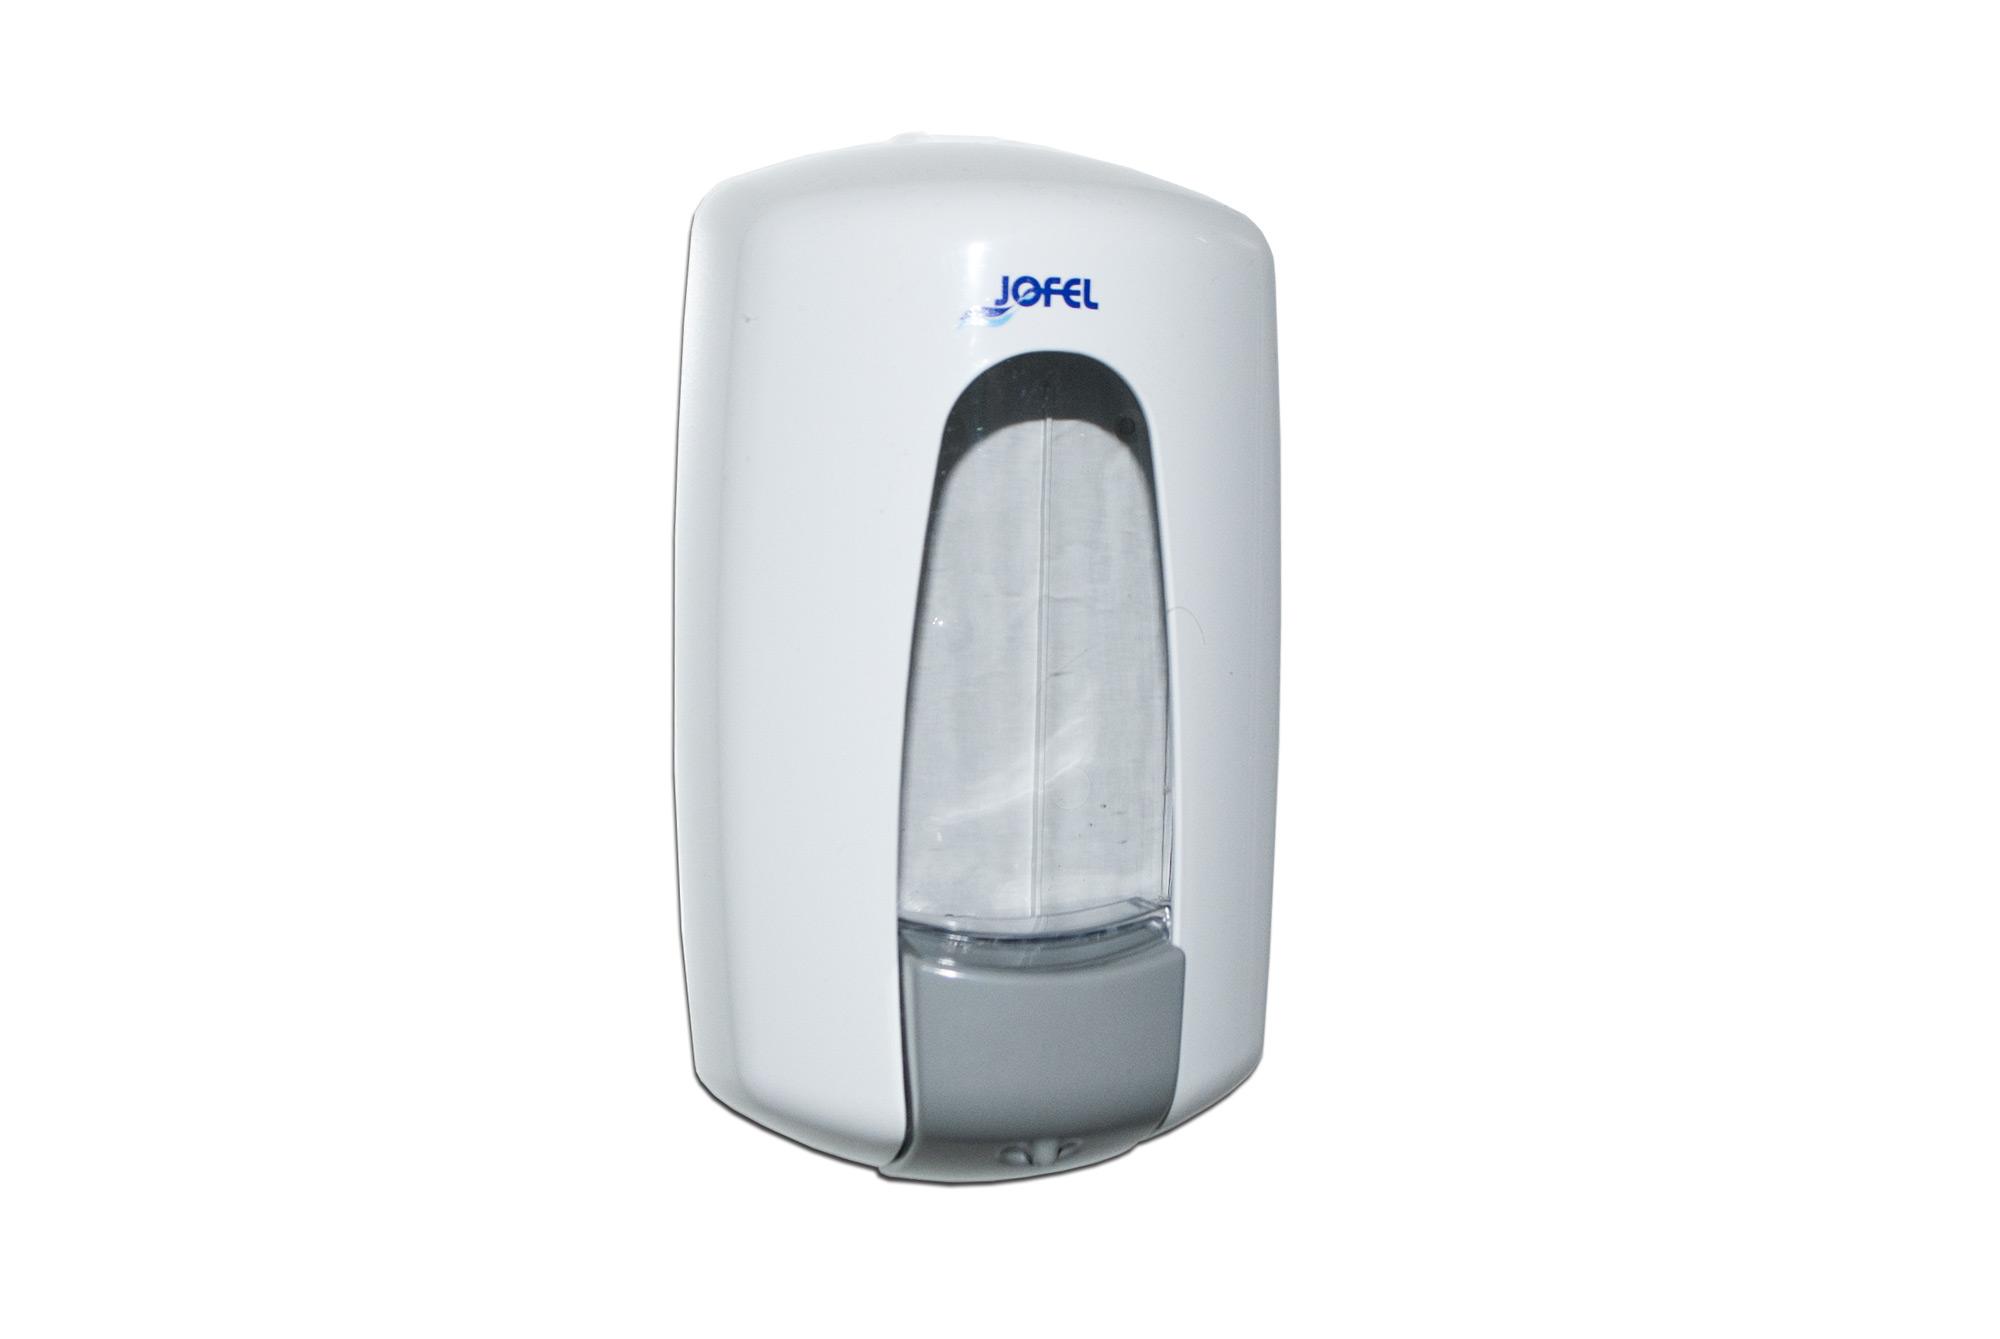 Dávkovač Jofel na tekuté mýdlo